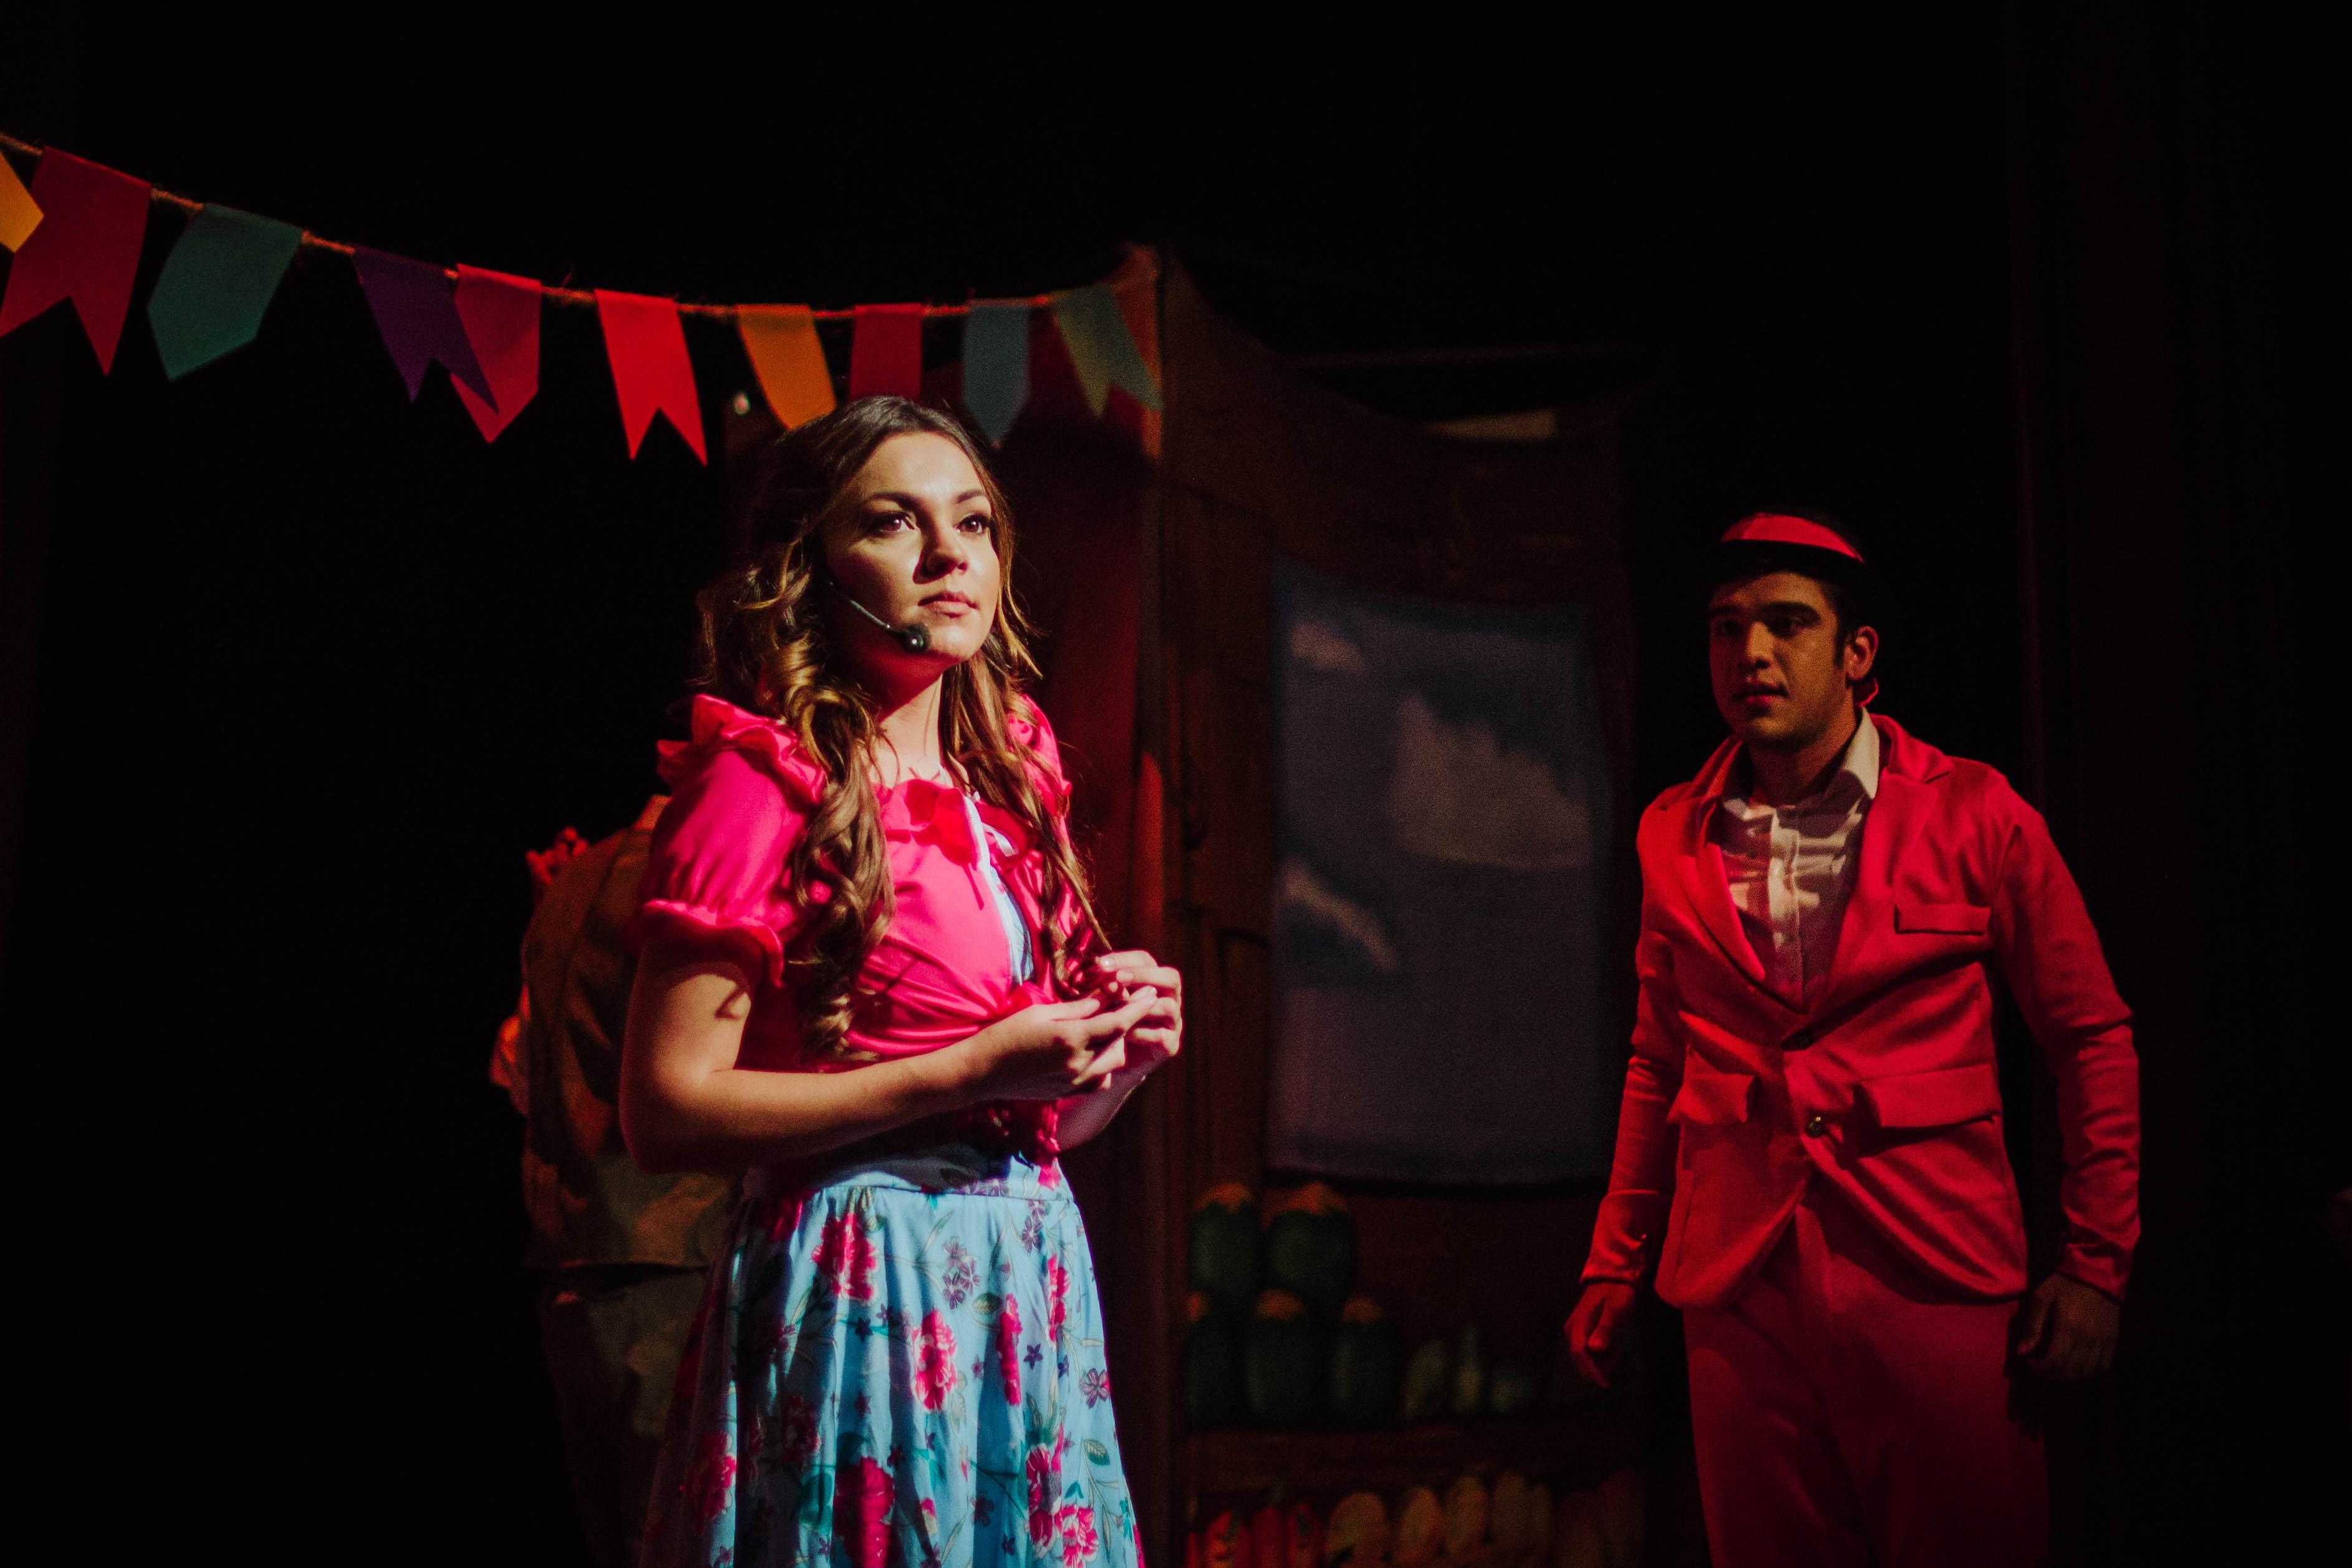 'Boto: O musical' é encenado em mais uma edição do projeto Teatro Deodoro é o Maior Barato, em Maceió - Notícias - Plantão Diário